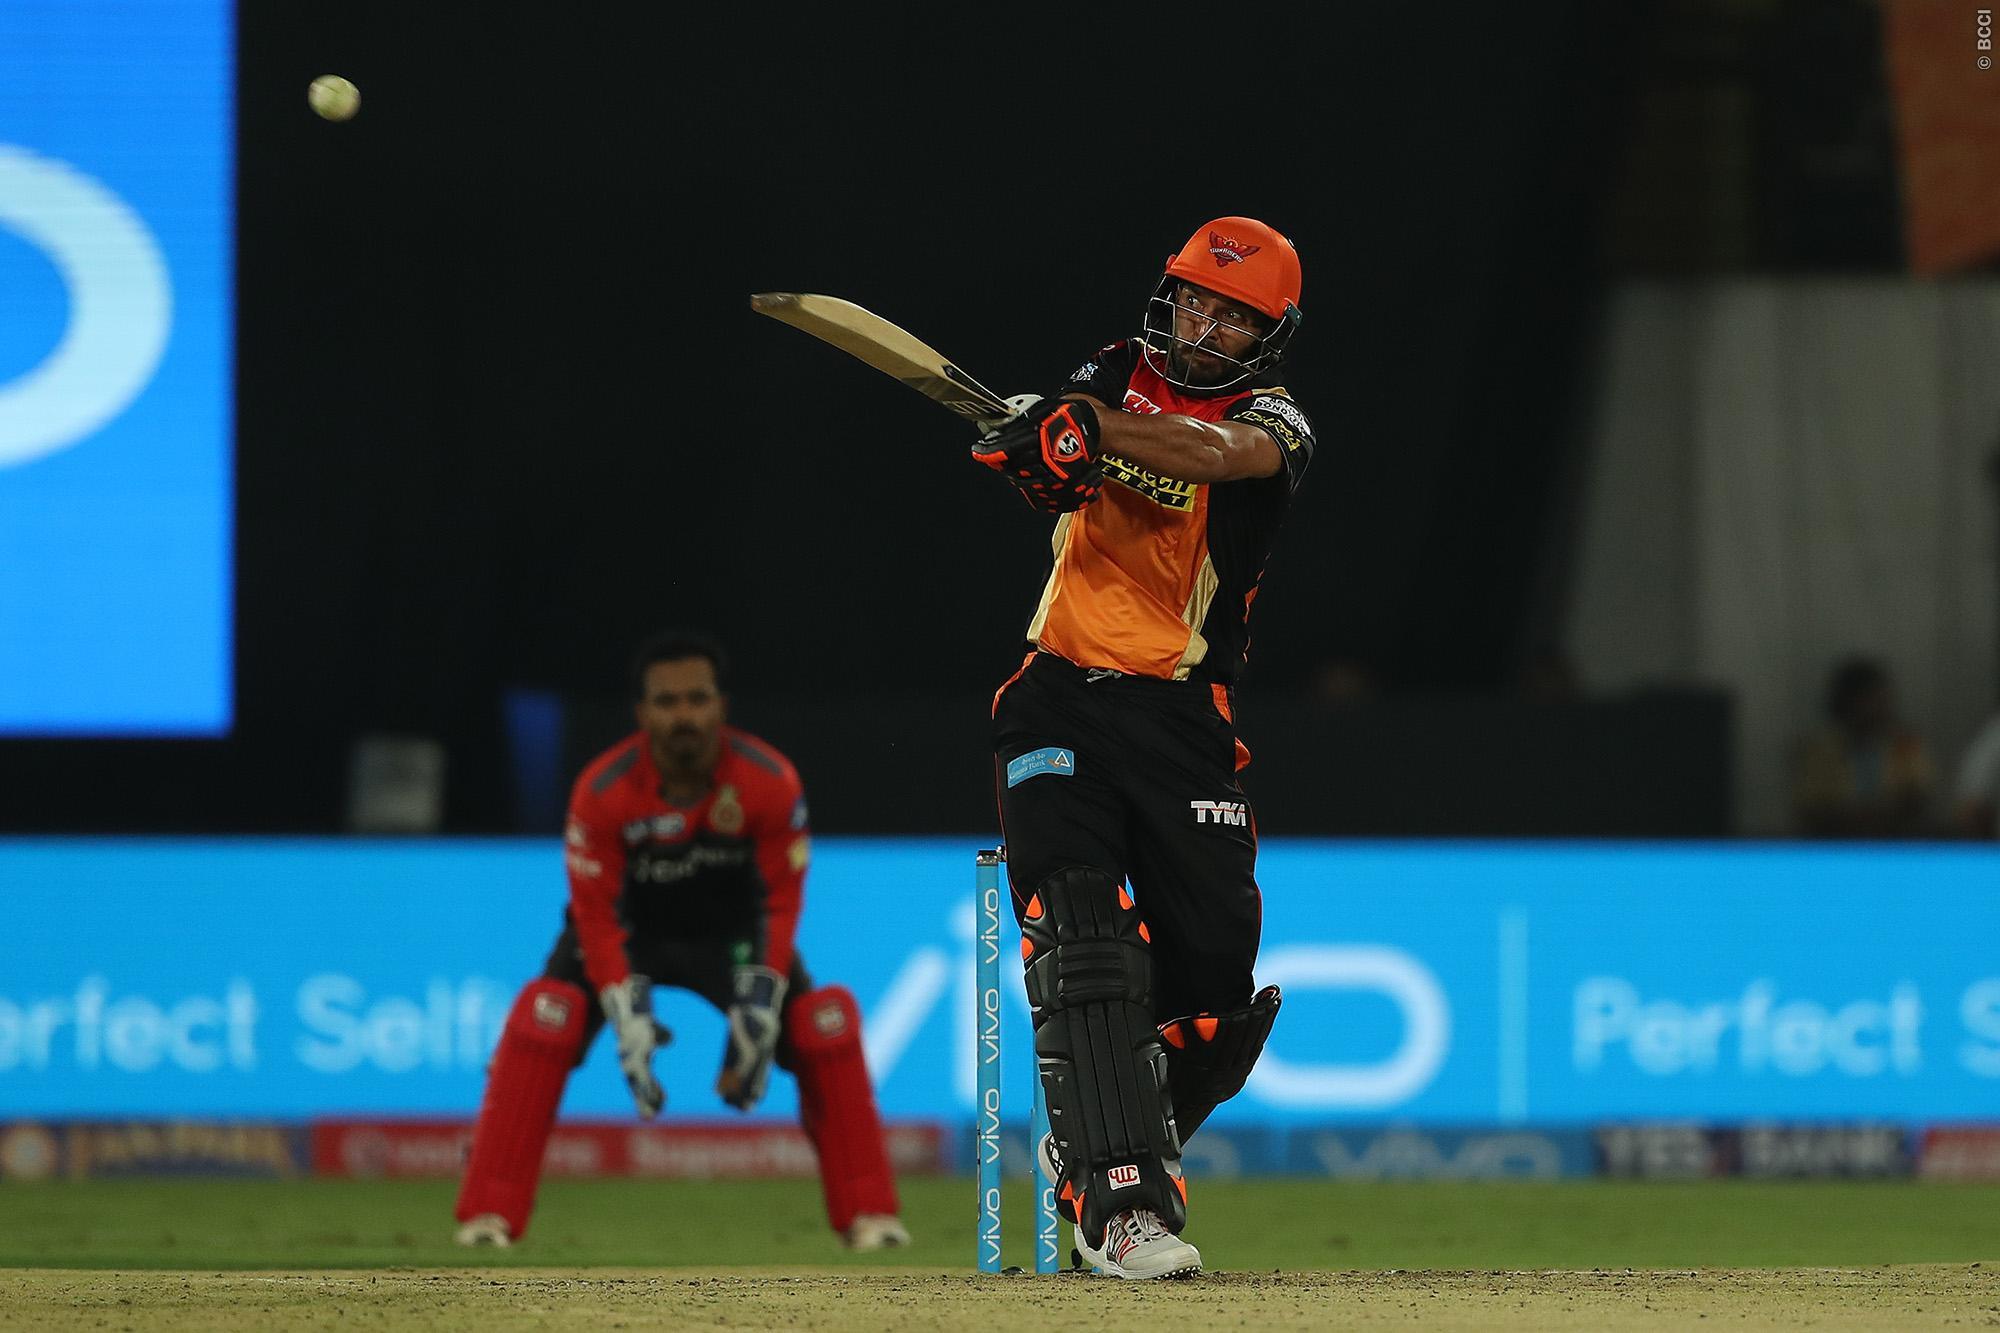 विडियो: आईपीएल के पहले ही मैच मे युवराज सिंह ने खेली आतिशी पारी मात्र 27 गेंदों में बना डाले 62 रन 1